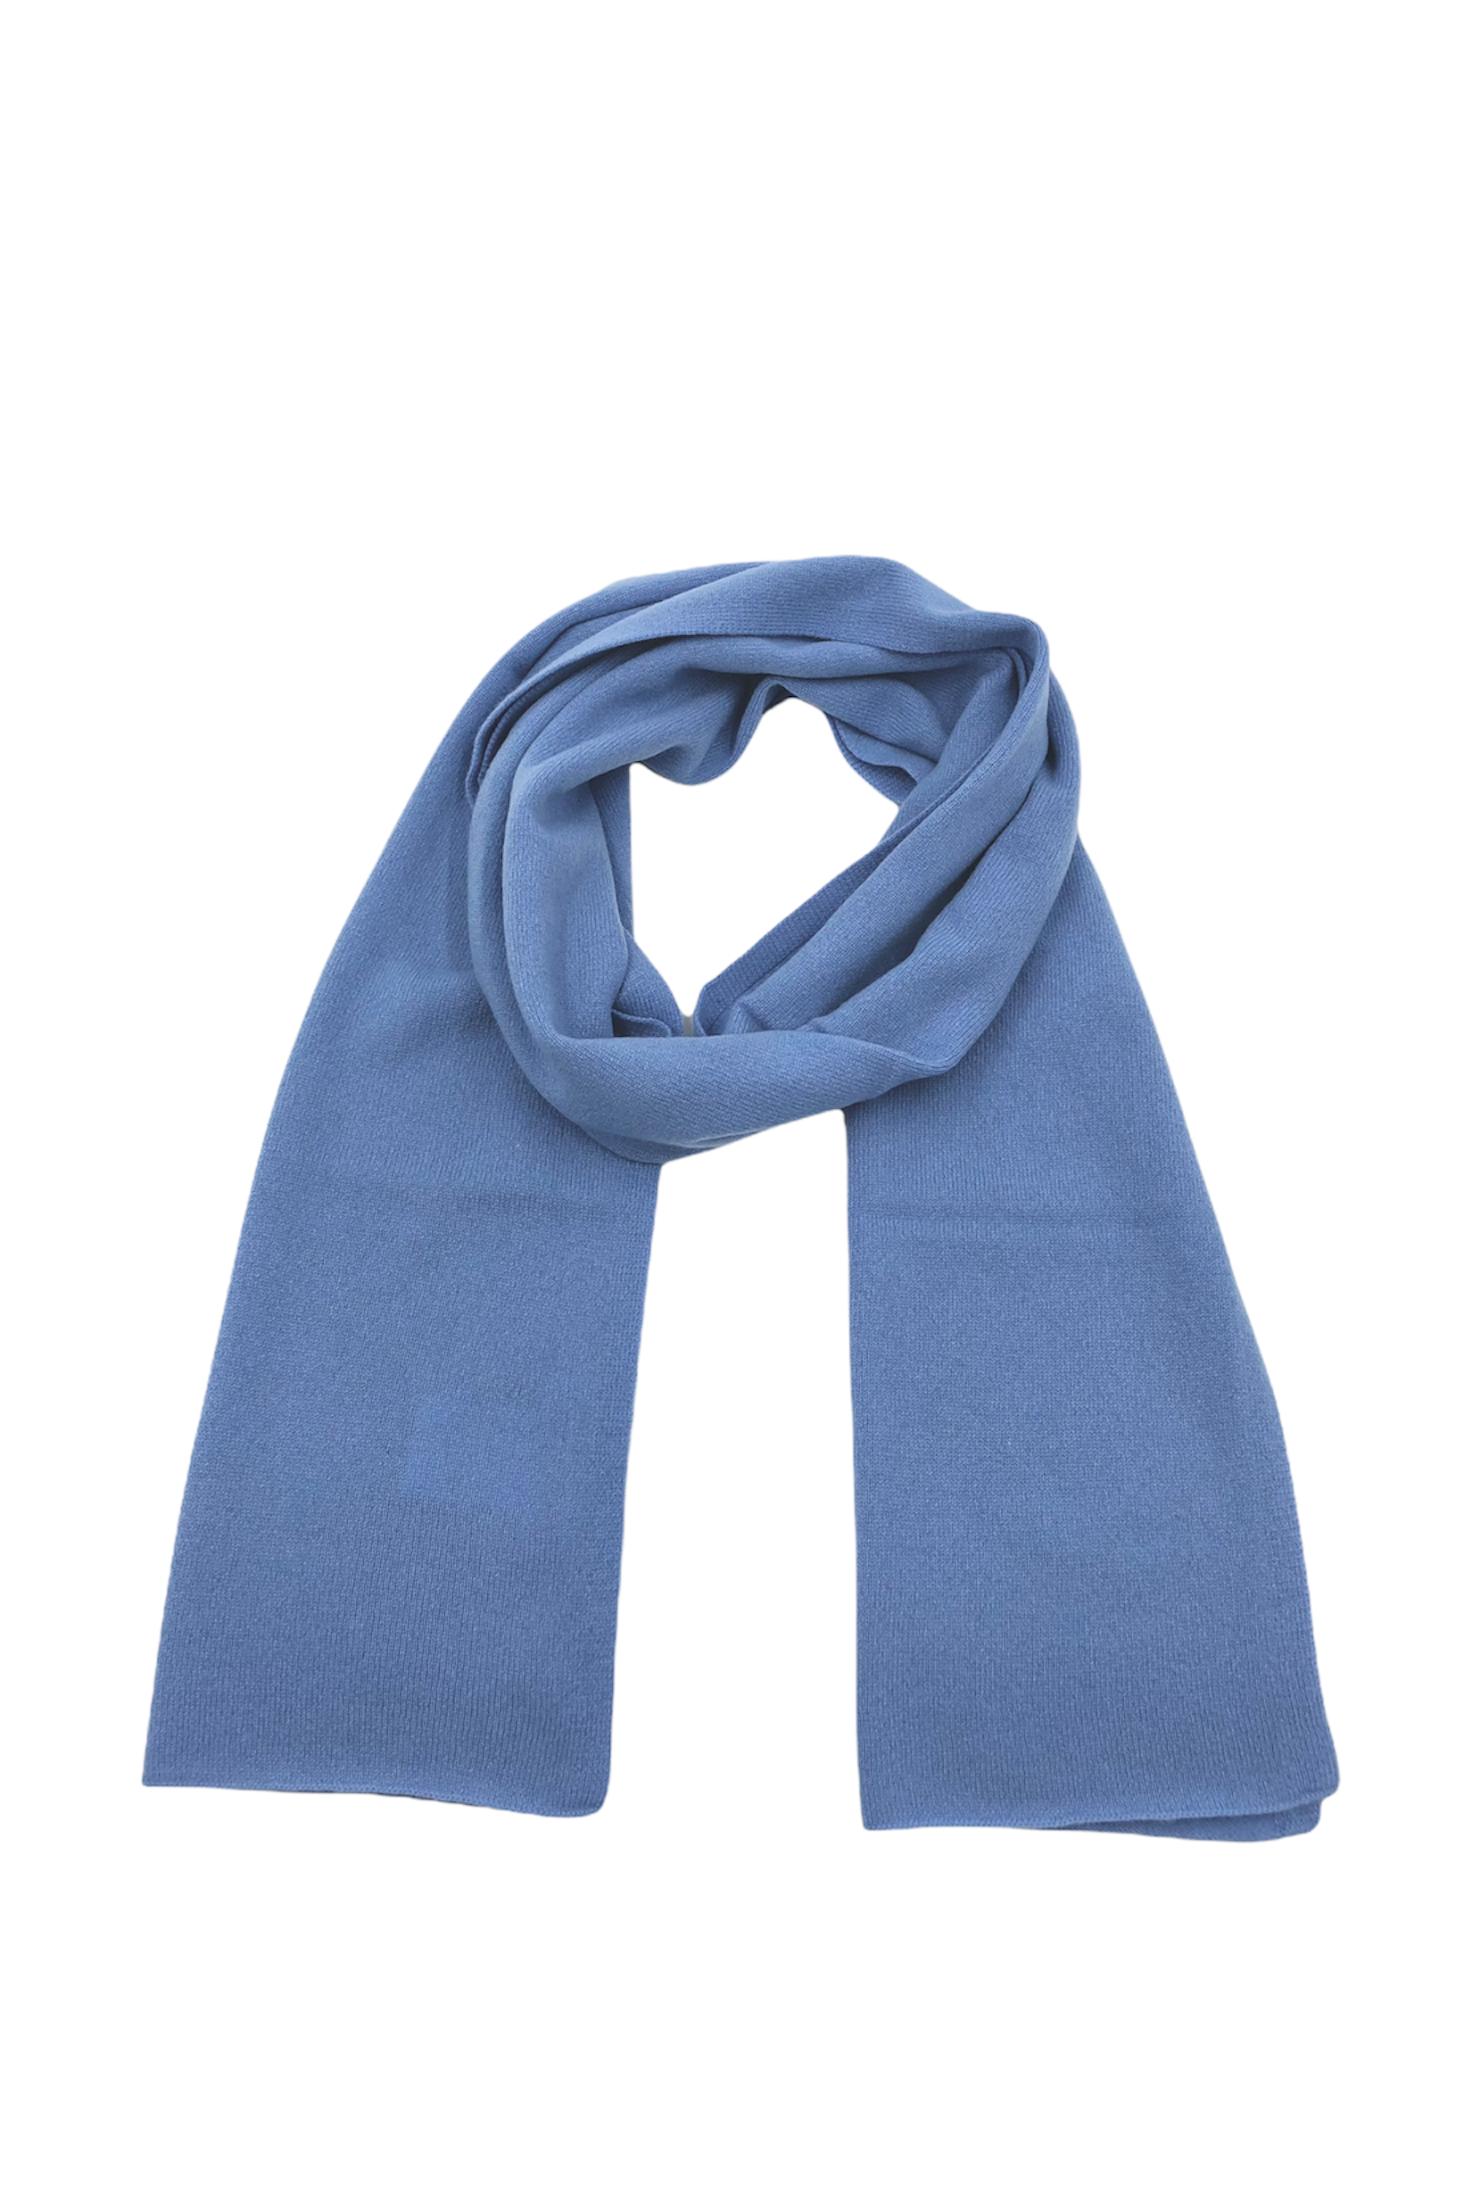 Echarpe cachemire LOUISON Bleu bleuet